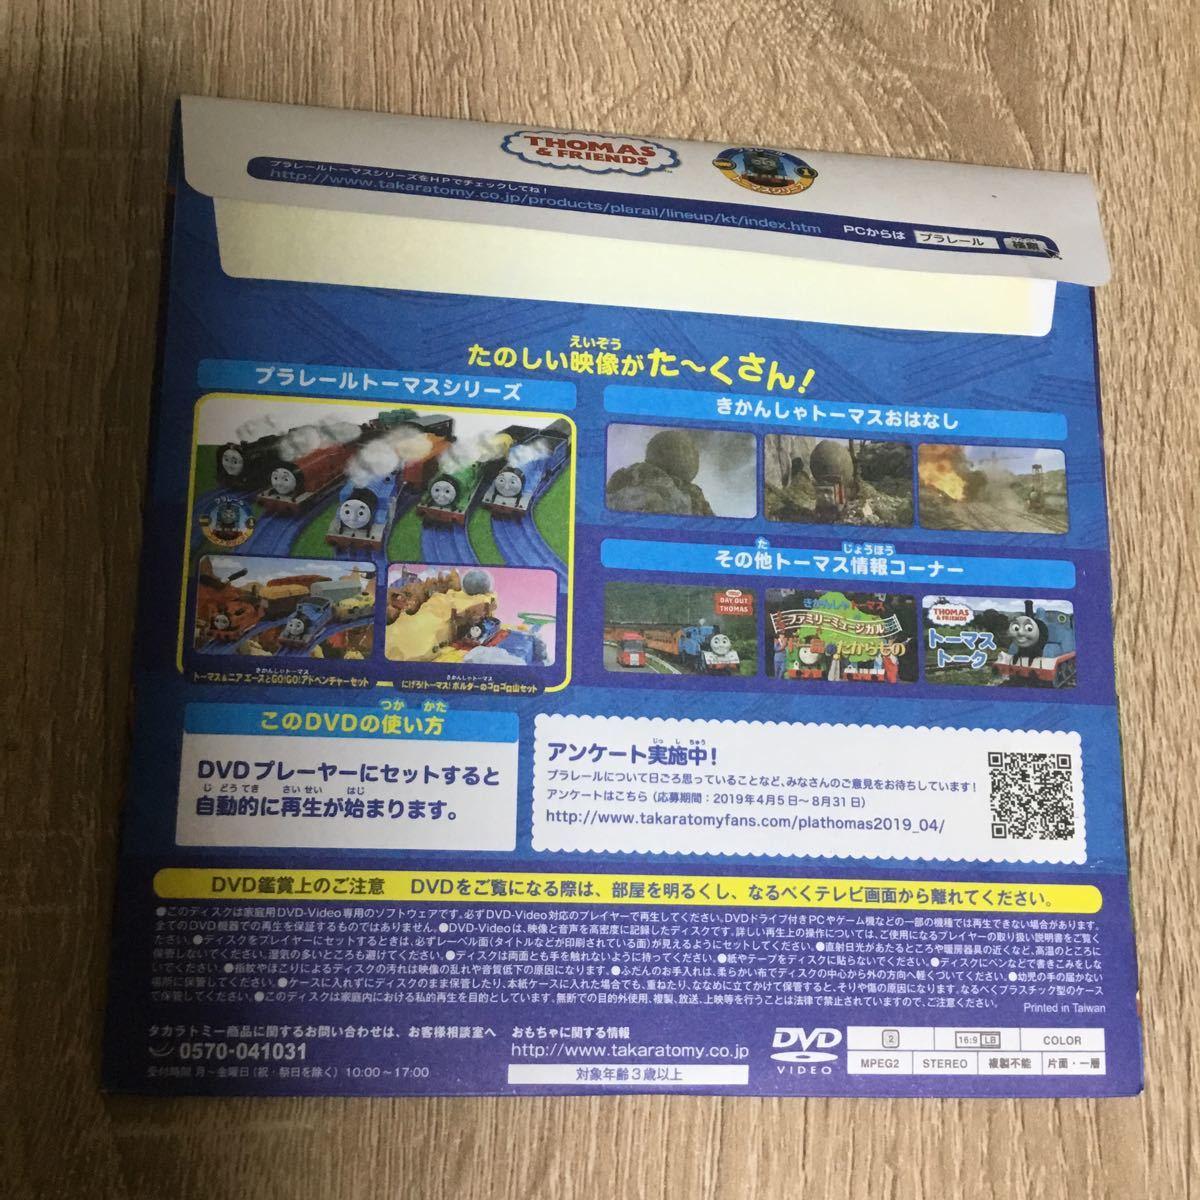 DVD 非売品 2枚セット マクドナルド&トーマス映画 公開記念特別版 プラレール